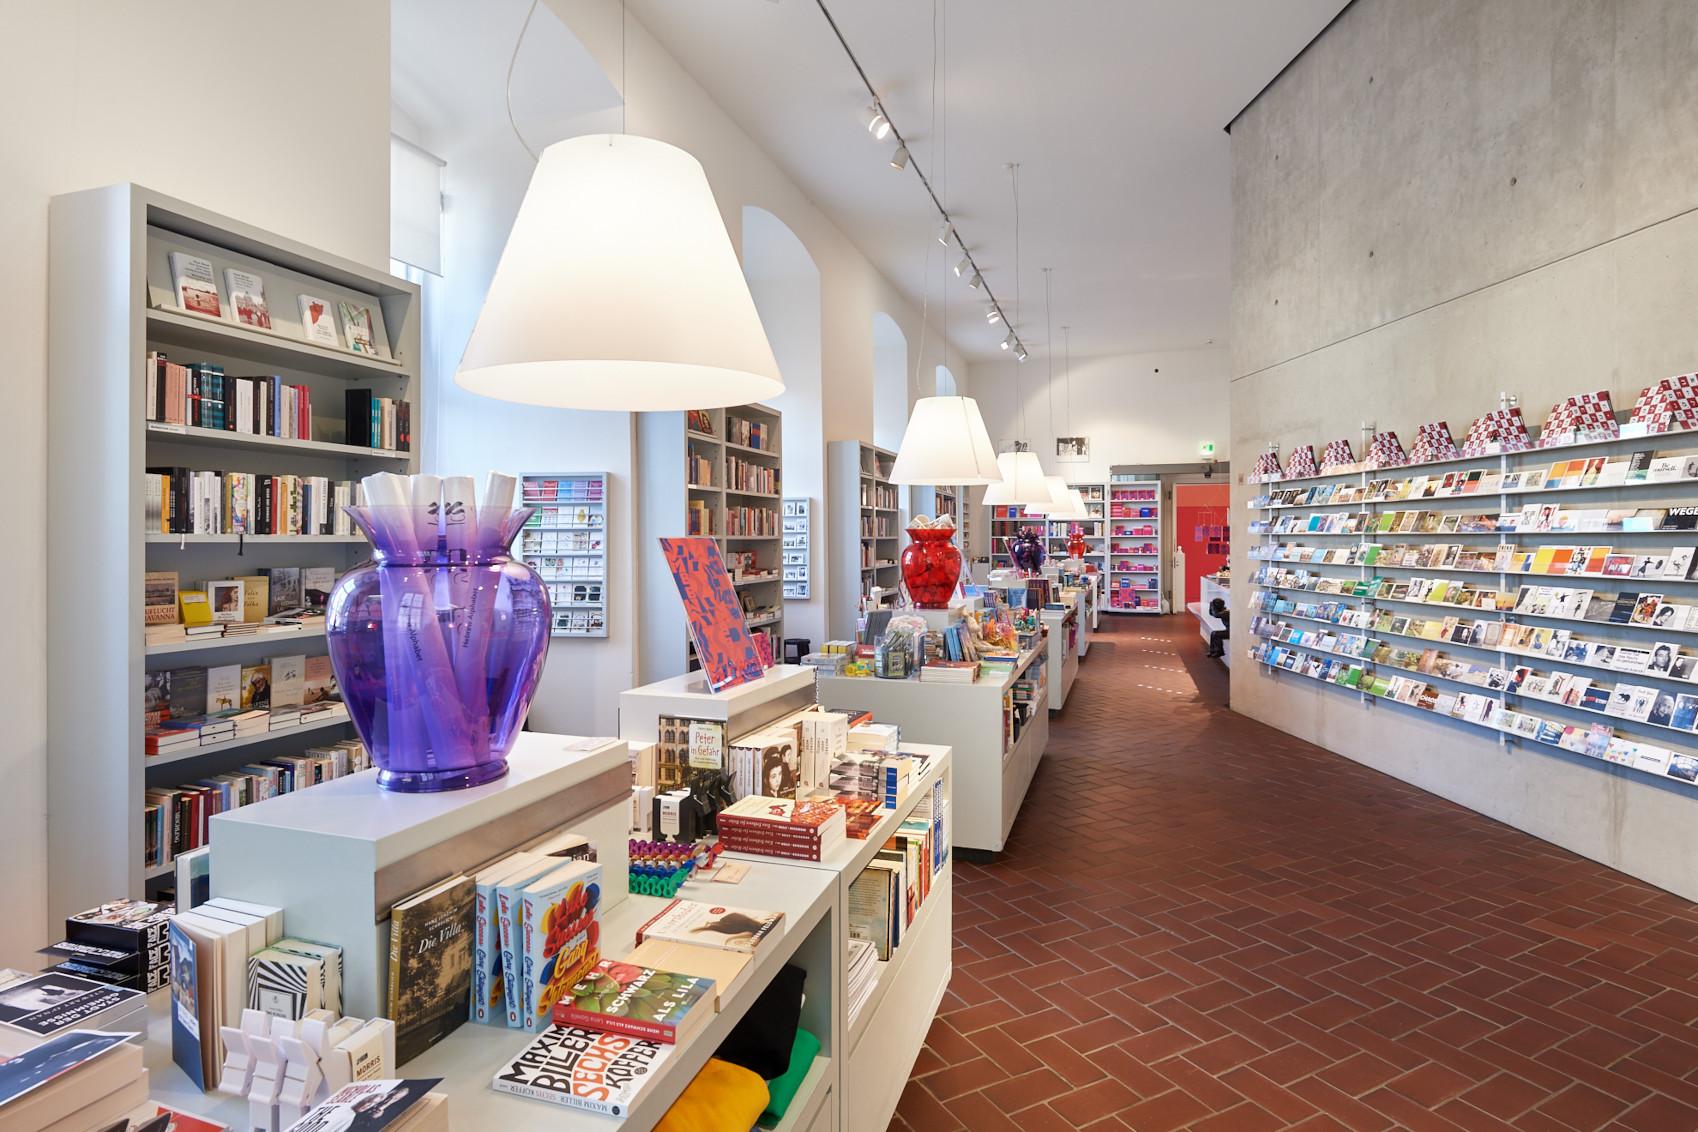 Blick in den Museumsshop; zu sehen sind Bücherregale, Vasen, die gerollt Poster enthalten sowie allerlei JMB-Artikel.